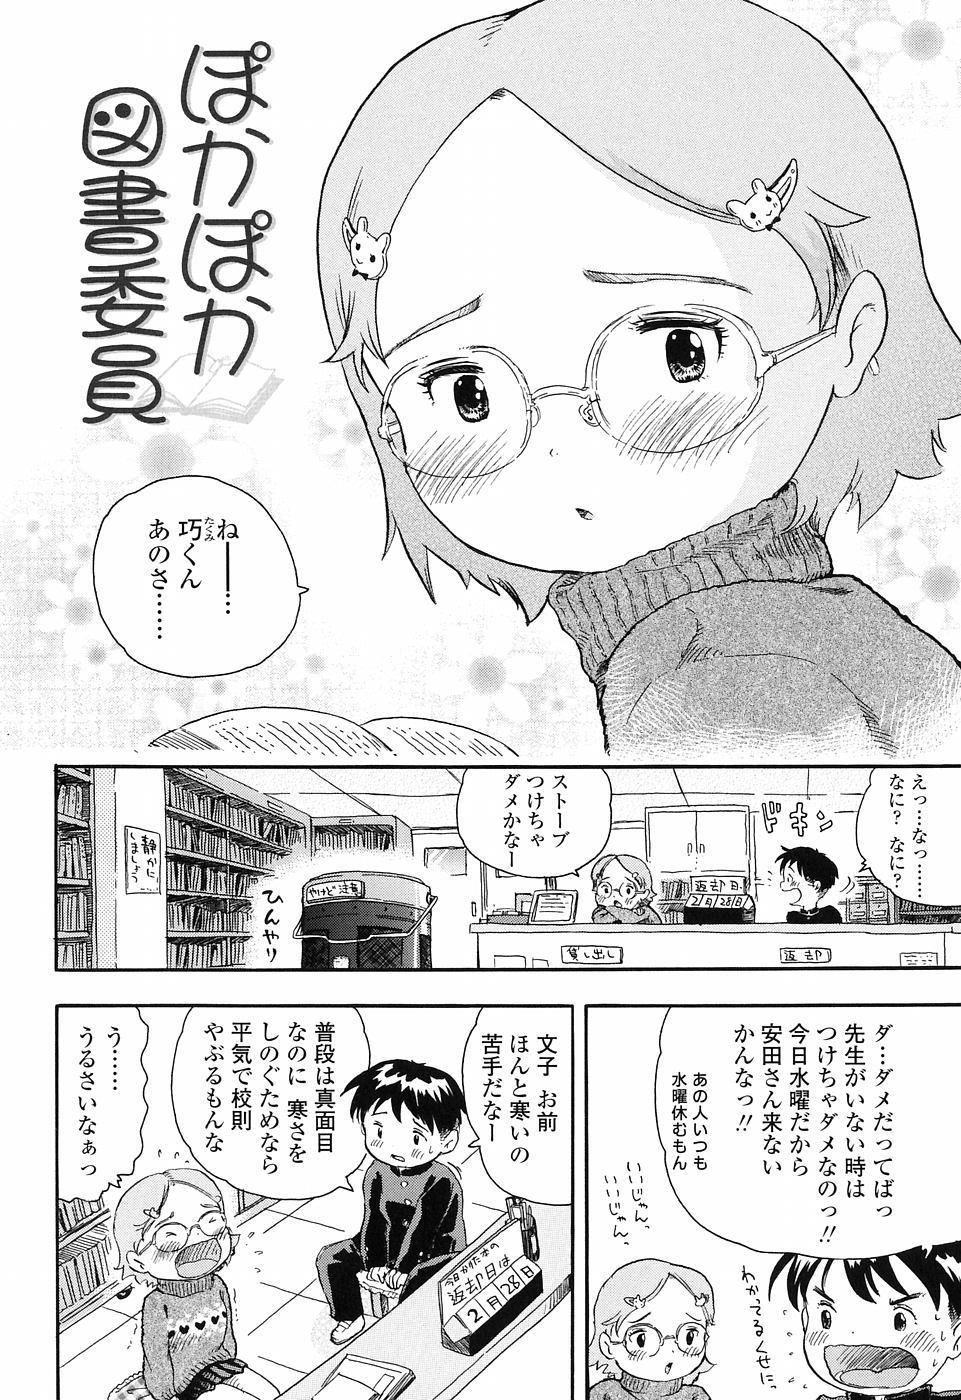 Koisuru Fukurami 125